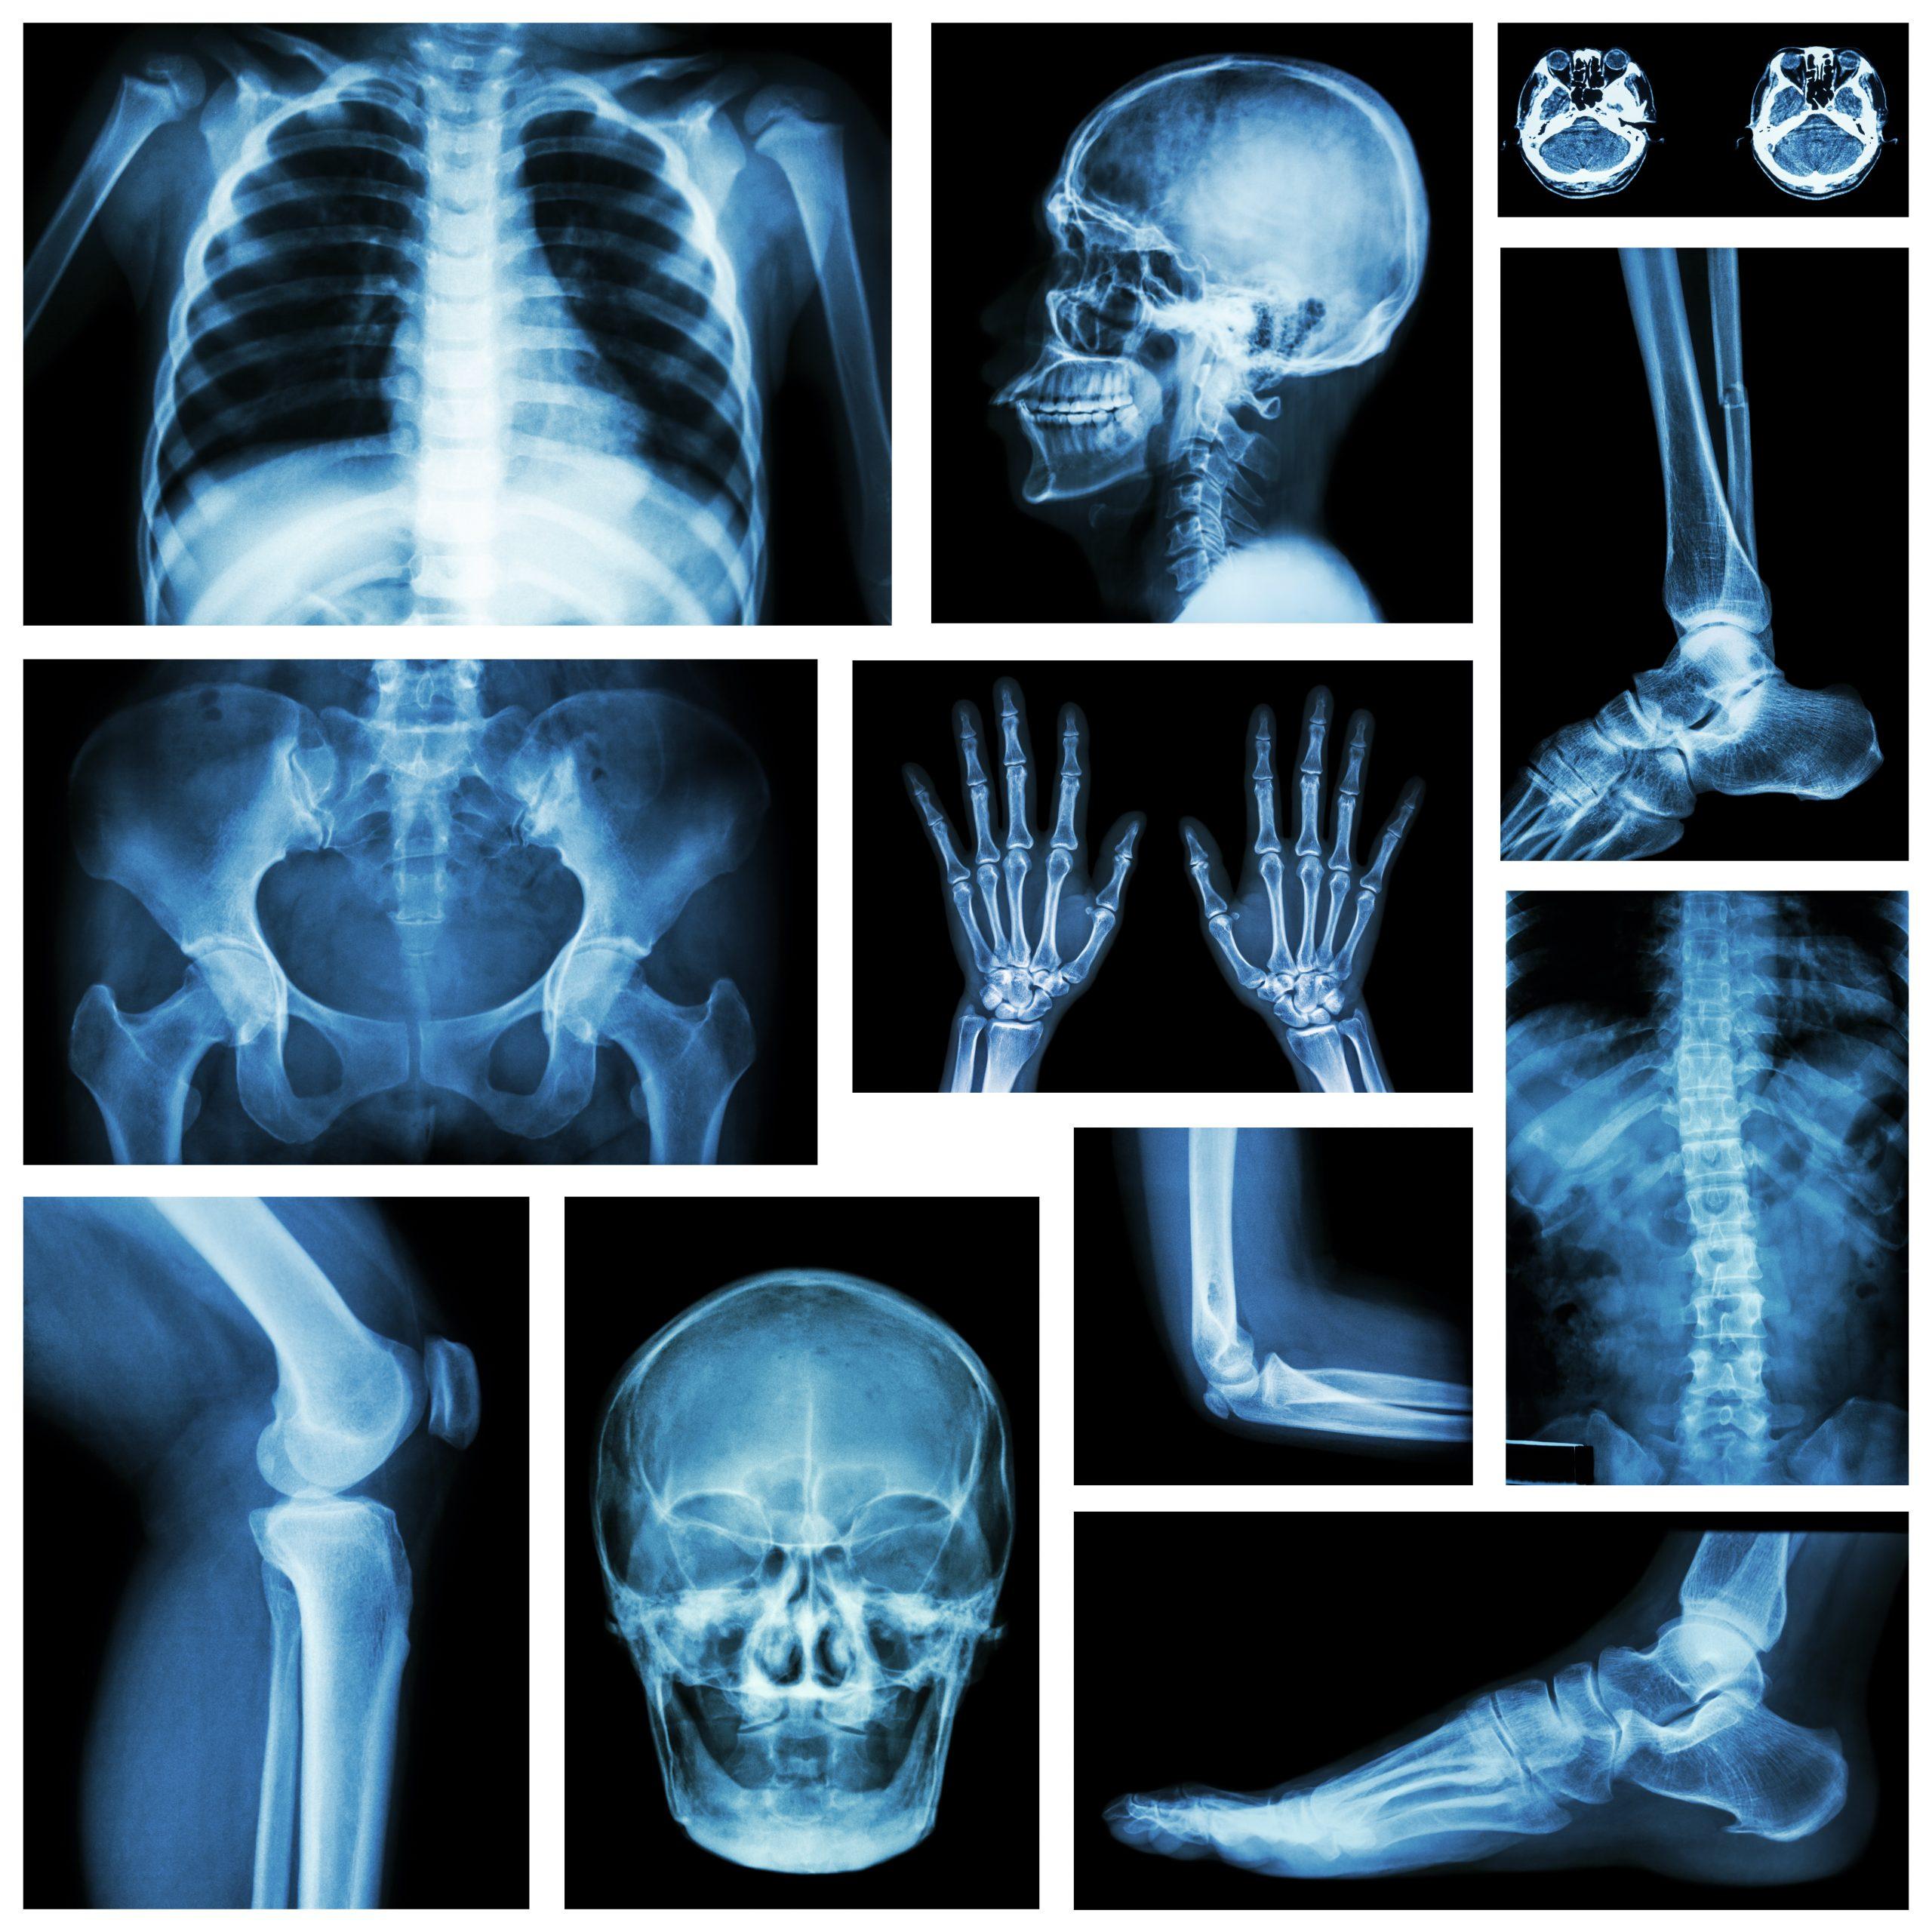 MSK Radiologie